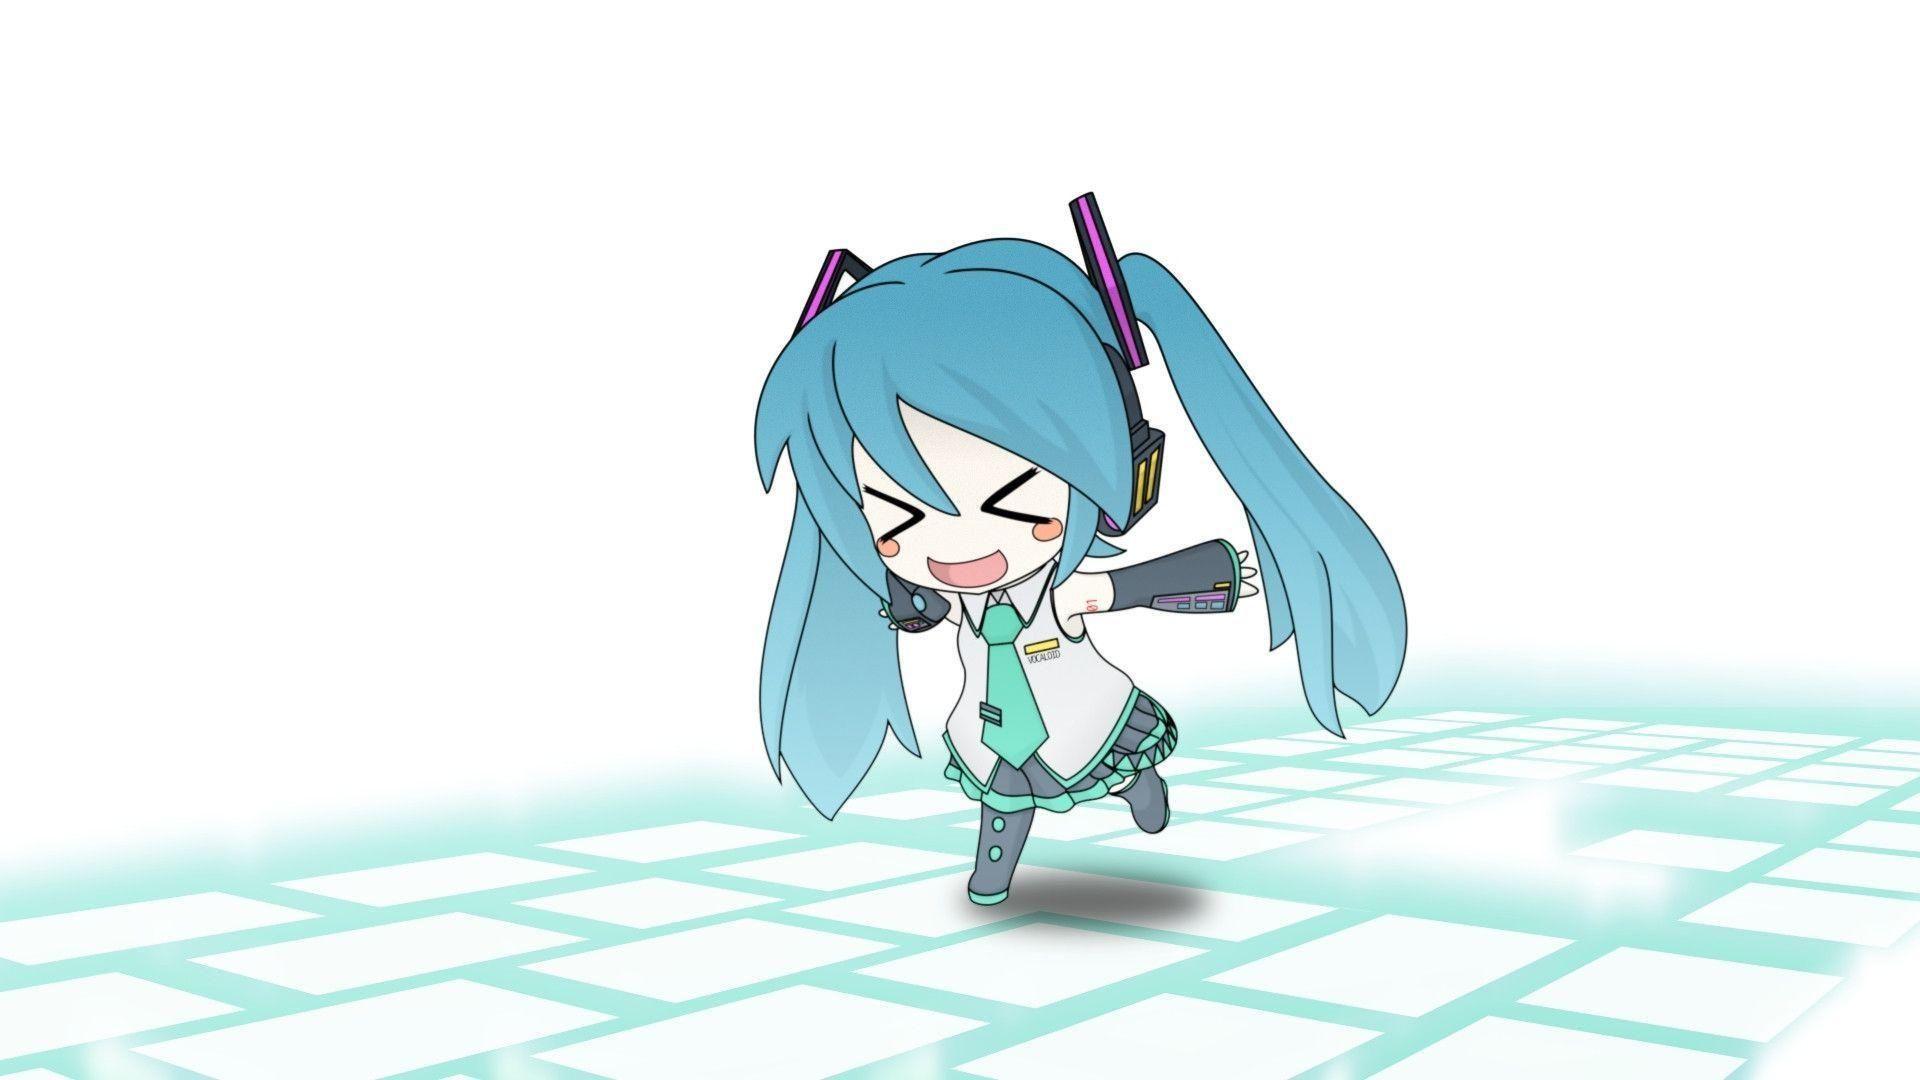 Chibi Hatsune Miku Widescreen Hd Wallpaper Beraplan Chibi Wallpaper Anime Chibi Cute Anime Chibi